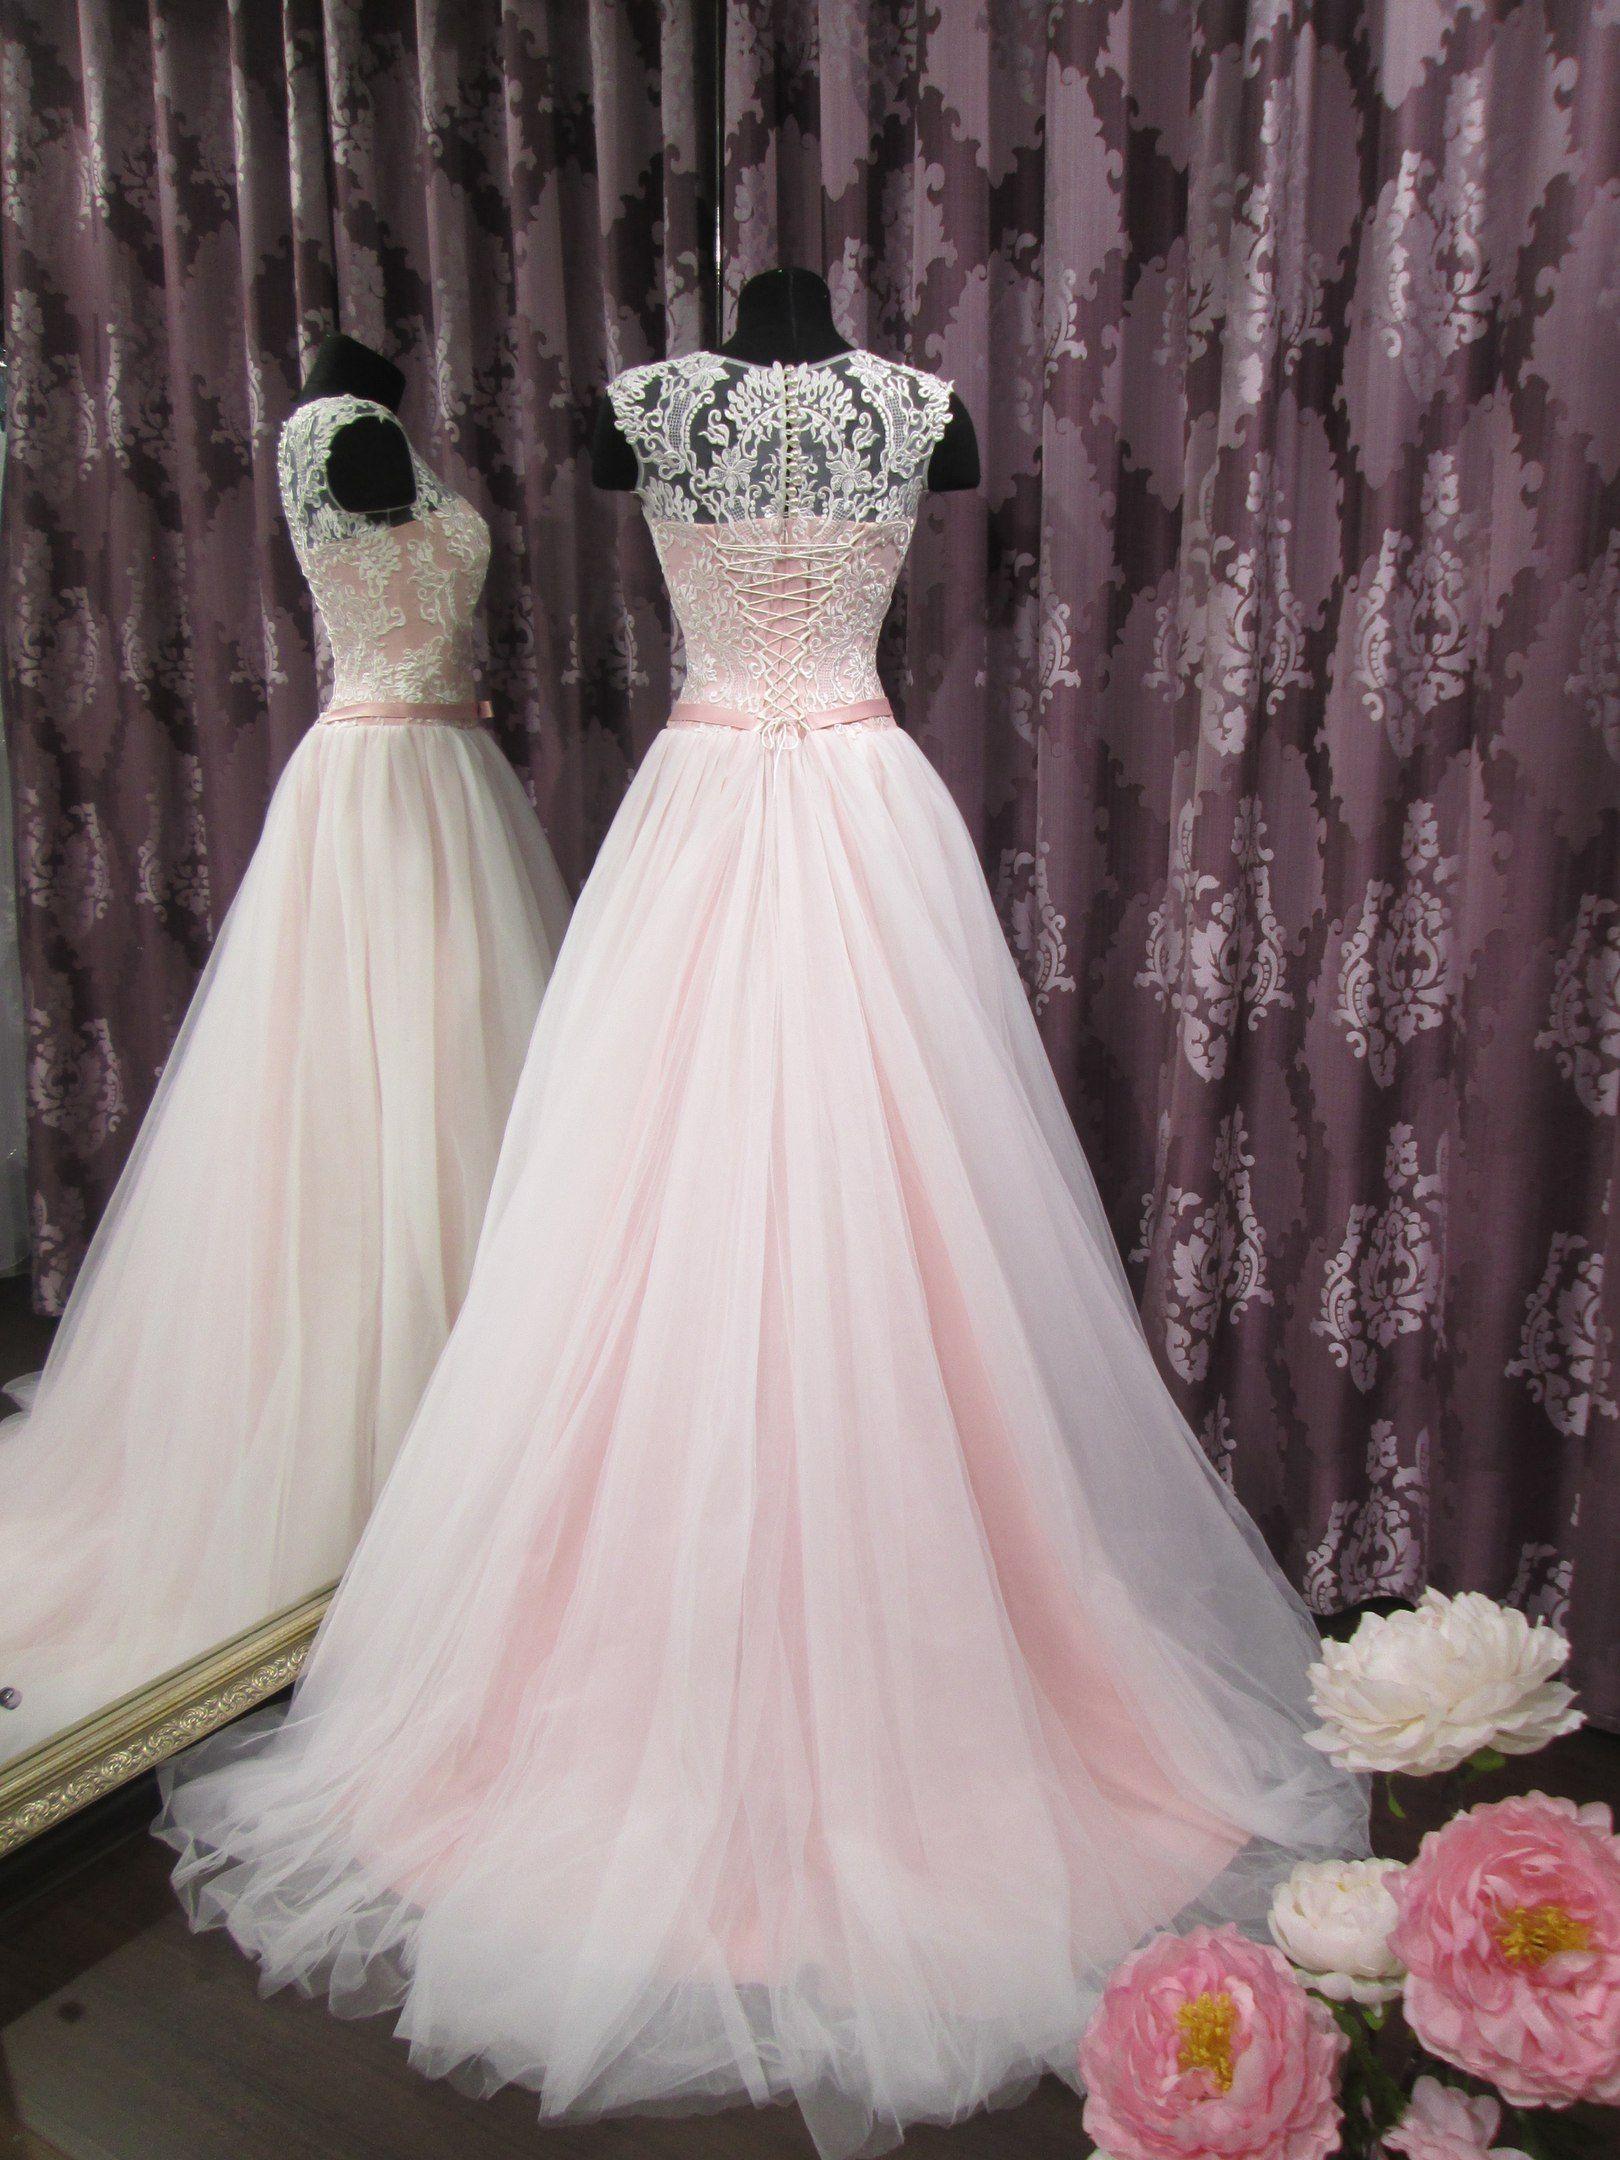 fdc6235f75d369c 🌸Трогательное свадебное платье нежно-розового цвета🌸 В наличии!!!  #свадебныйсалонпримавера#свадебныйсалон#свадьбаtmb#weddingtmb